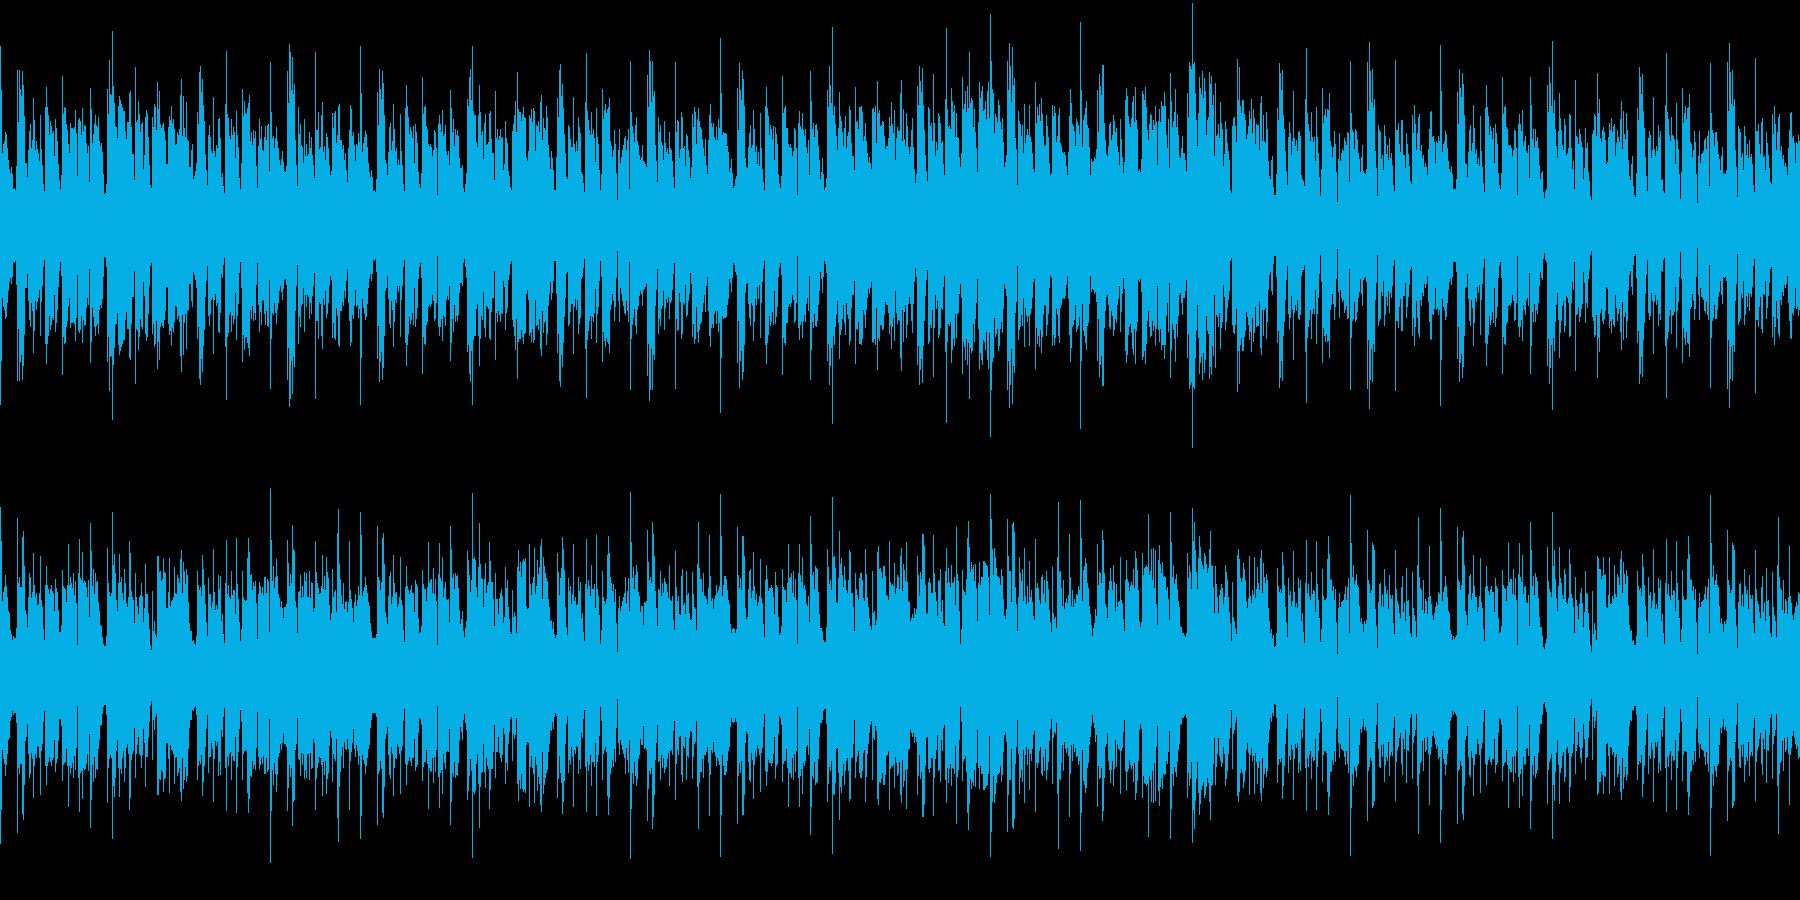 軽快でおしゃれなループBGMの再生済みの波形